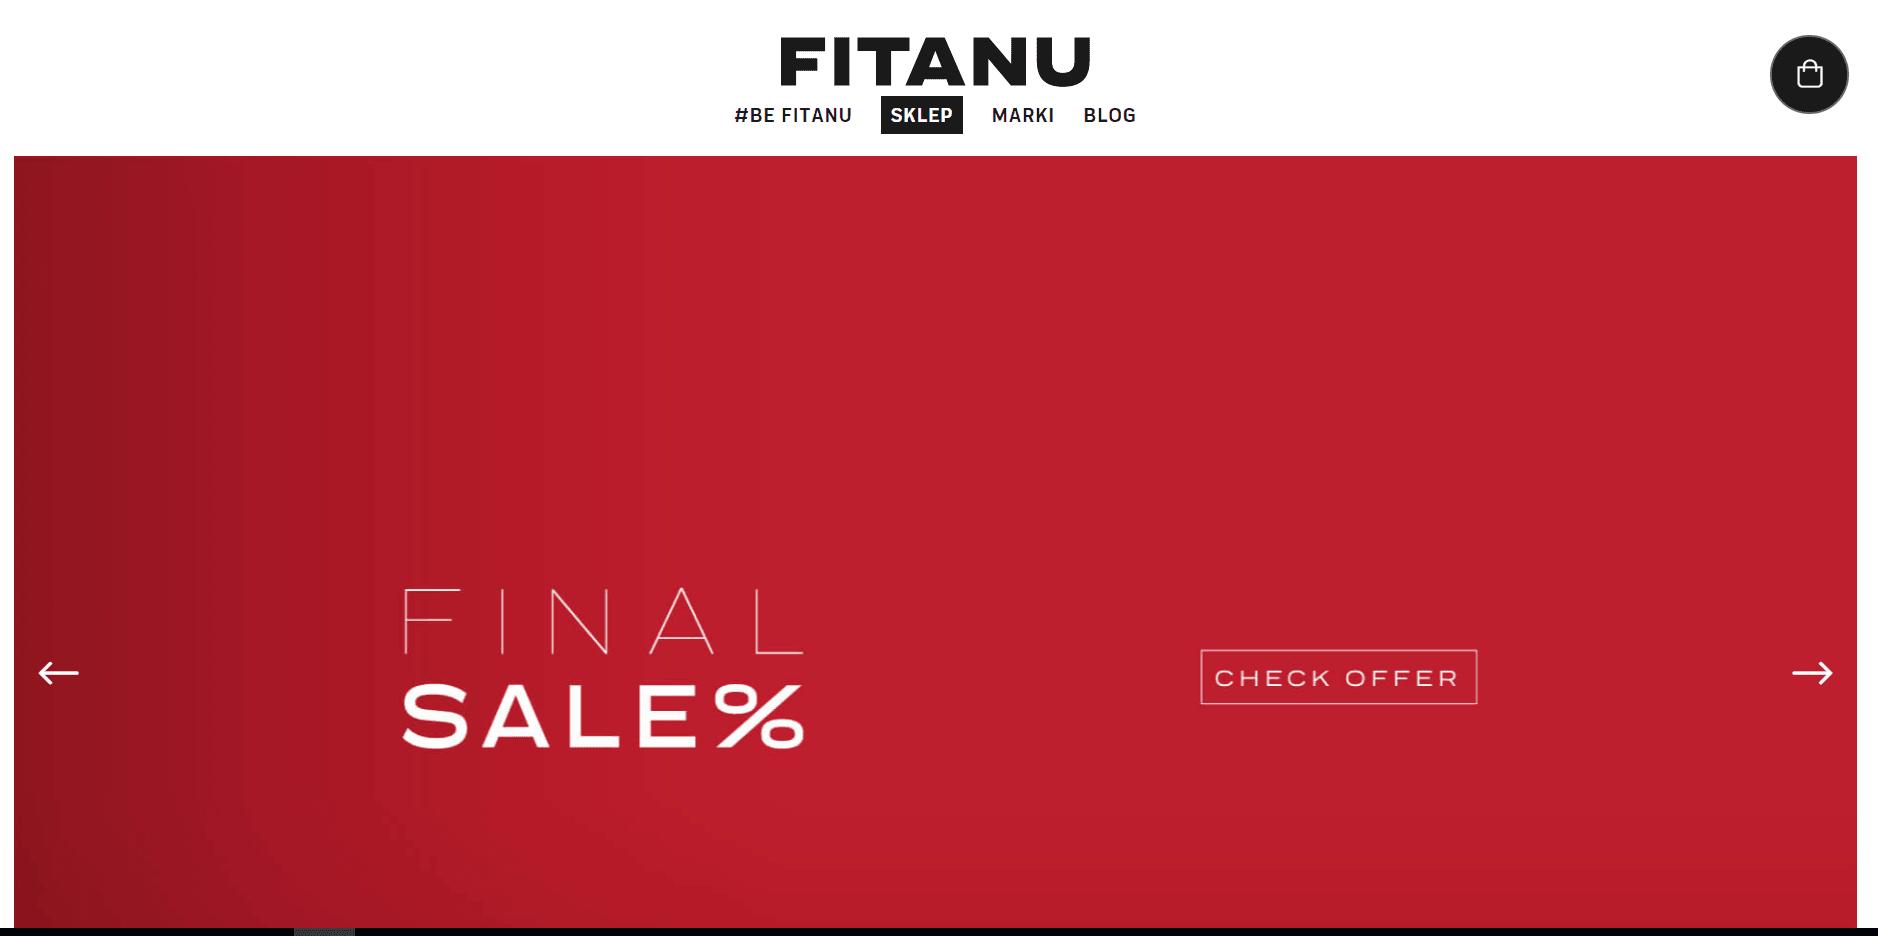 Покупка на FITANU с доставкой в Казахстан ✔️ myMeest - 3